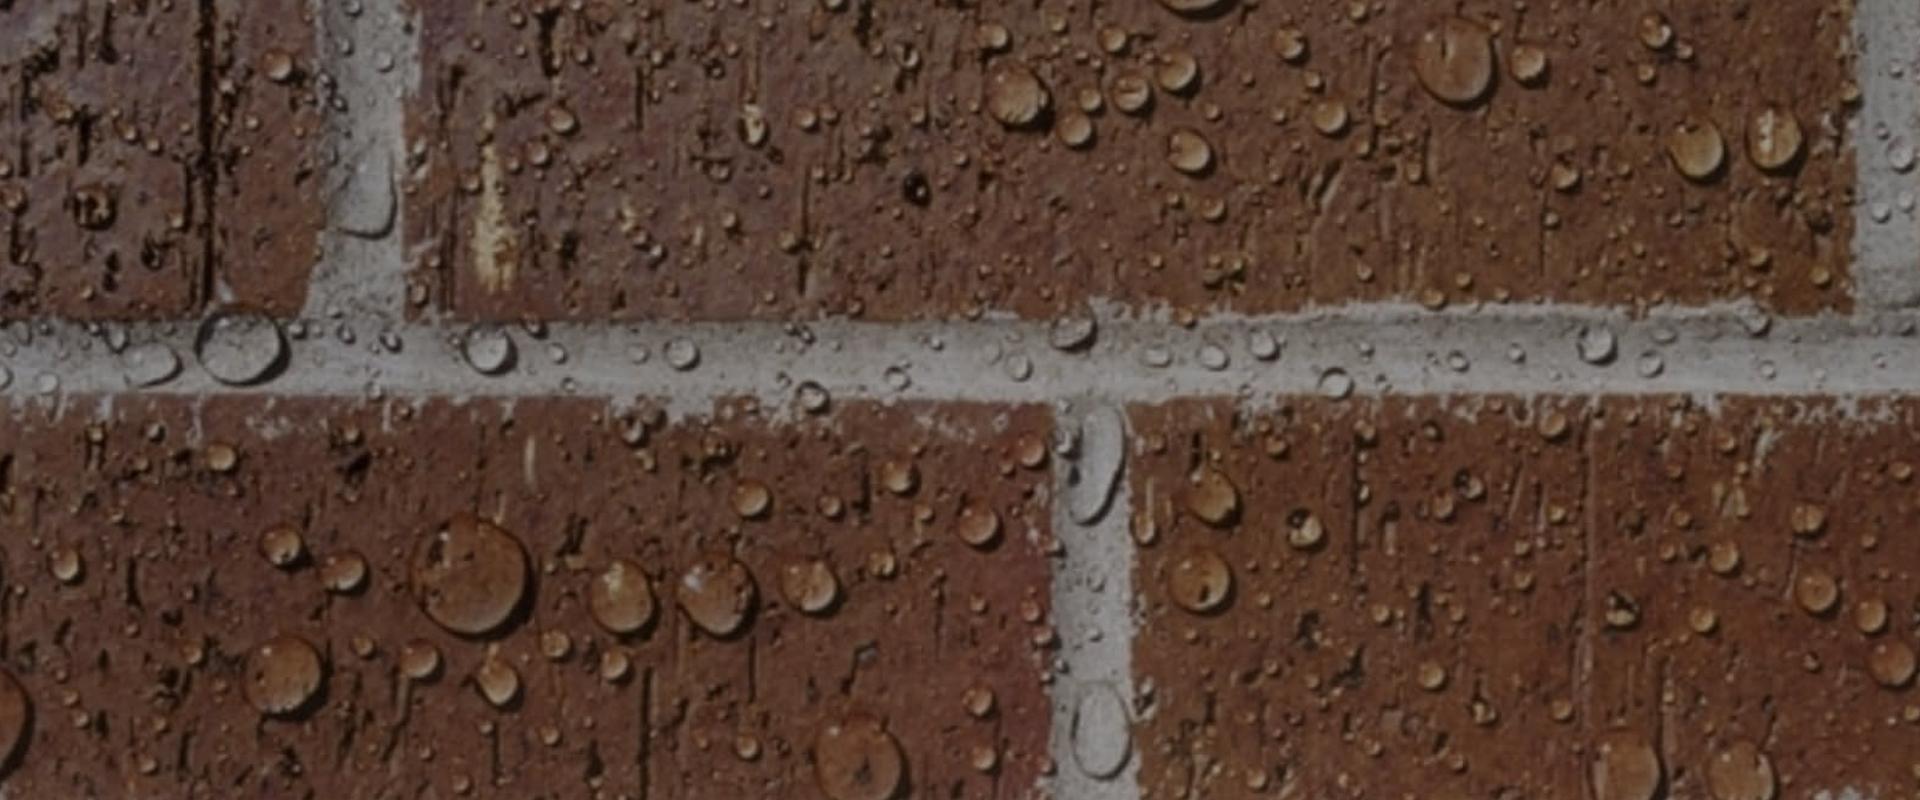 brick wall with raindrops